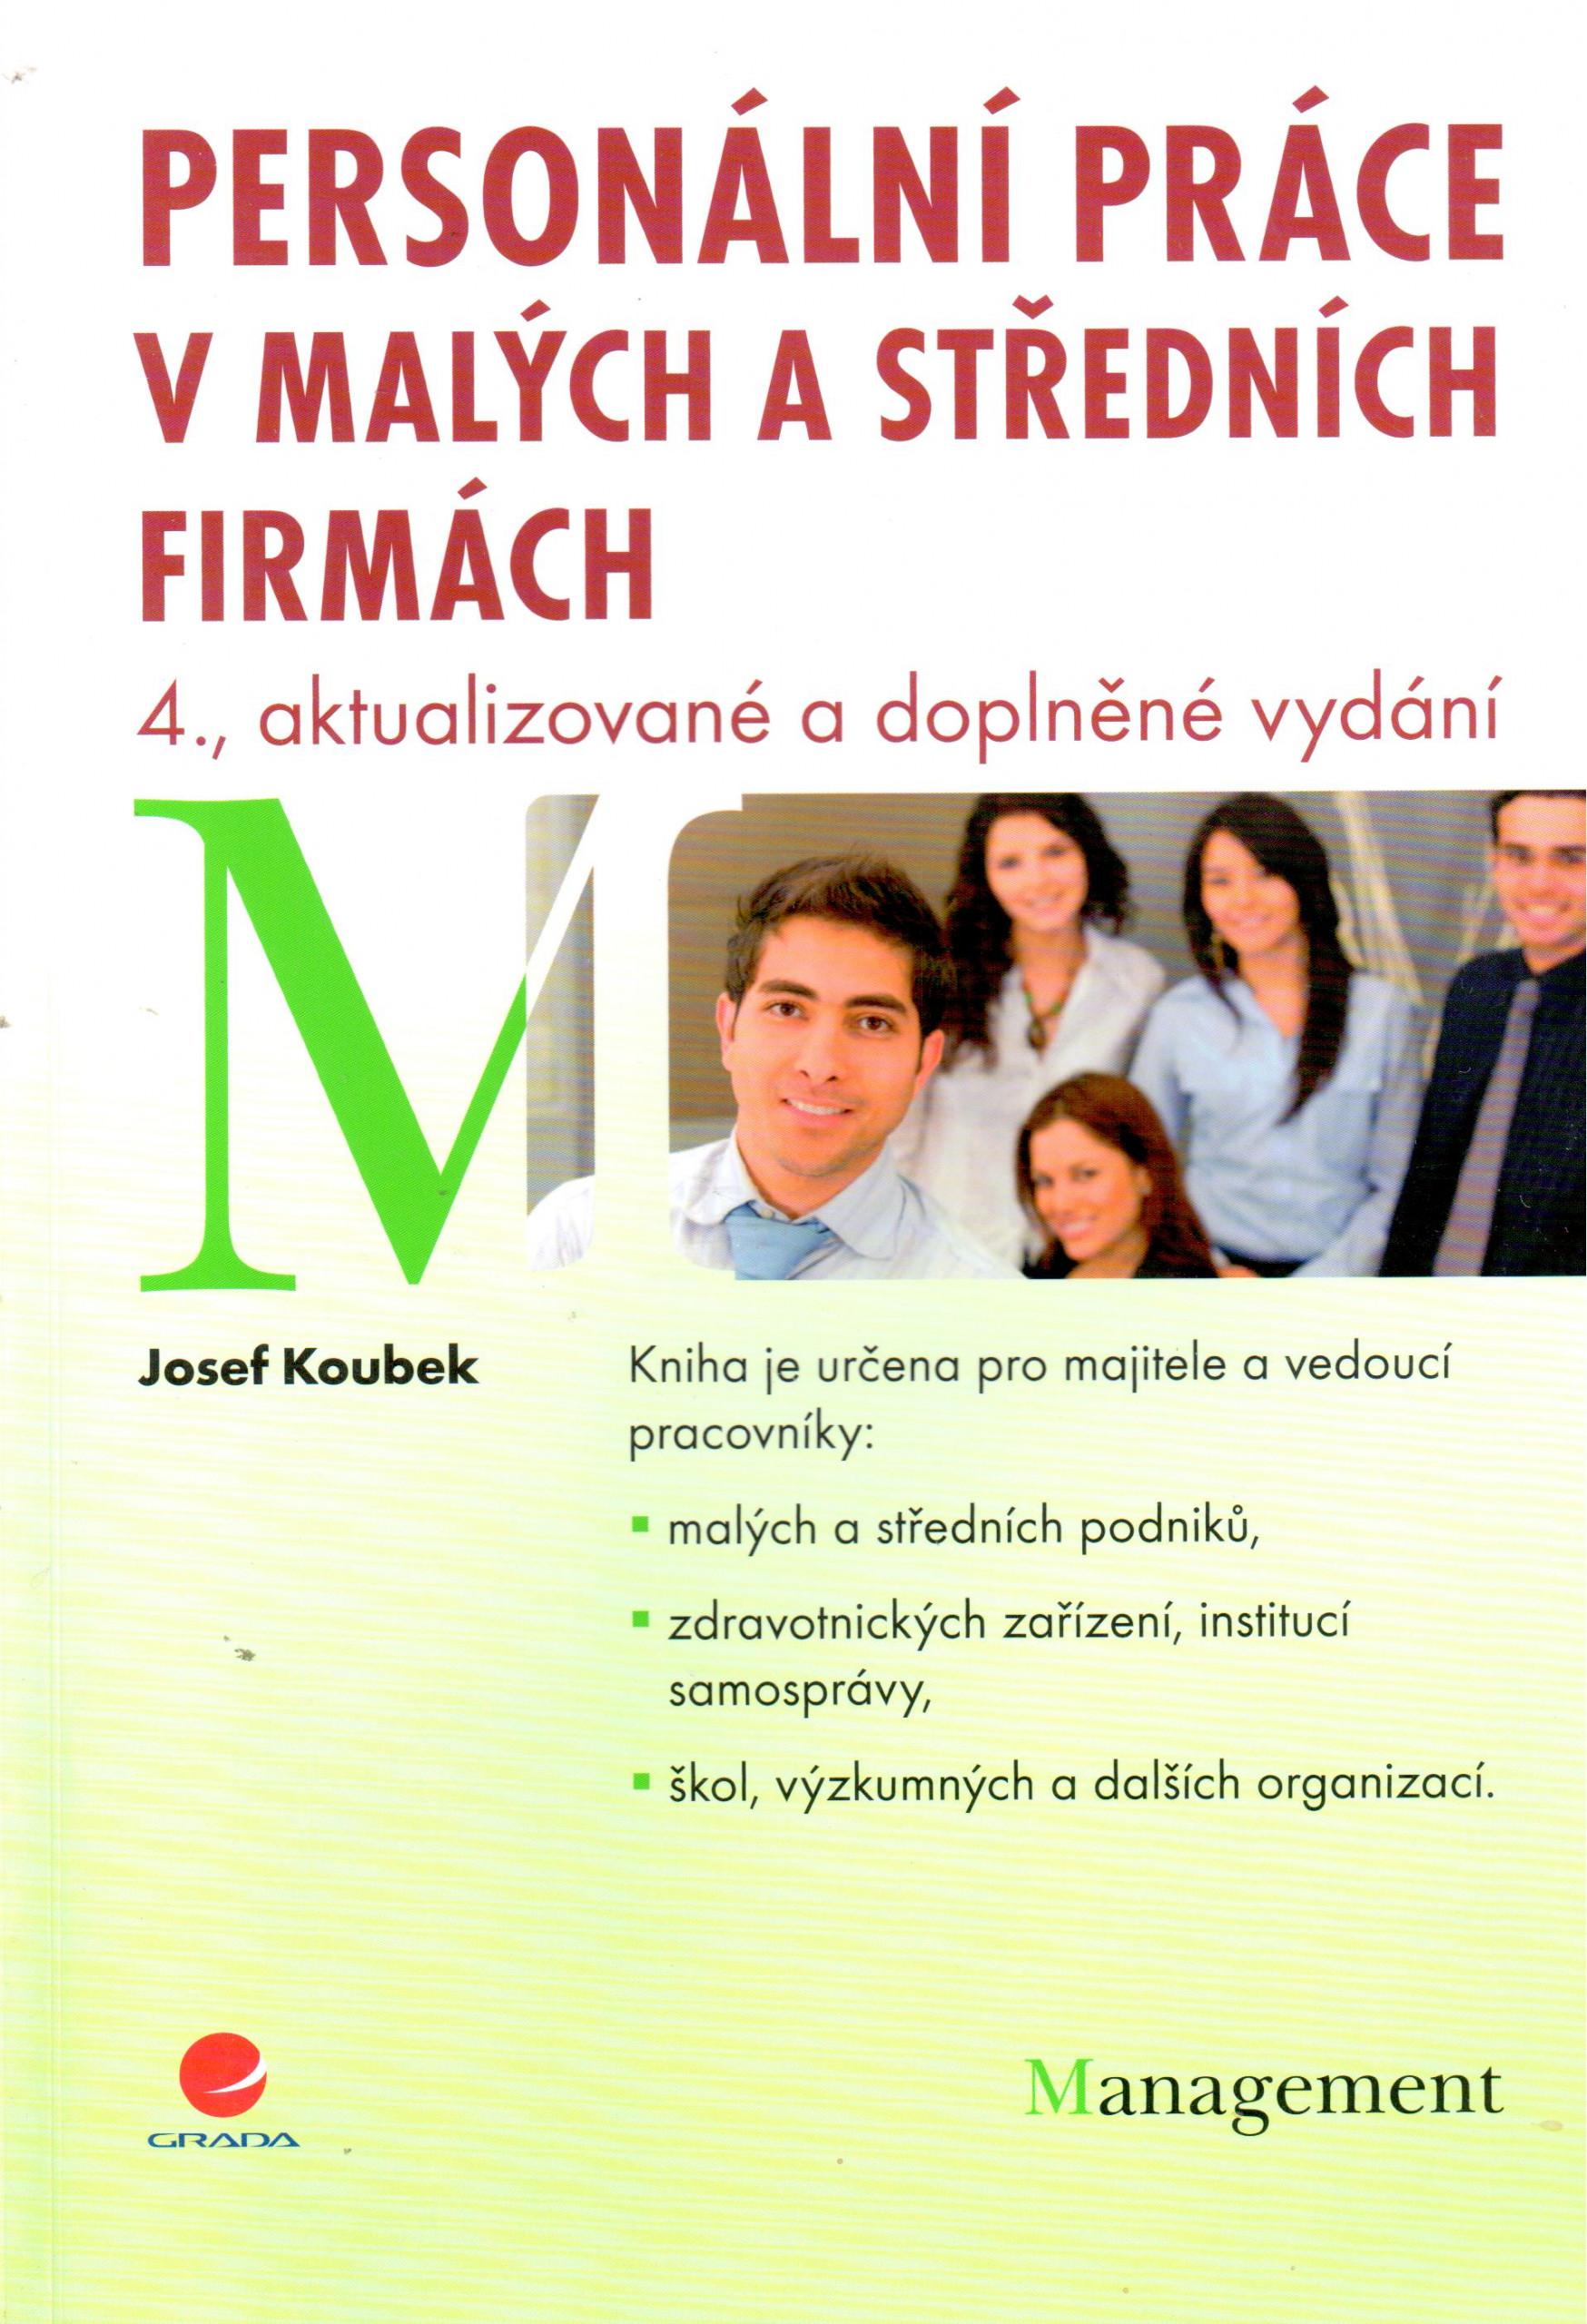 Personální práce v malých a středních firmách - Náhled učebnice